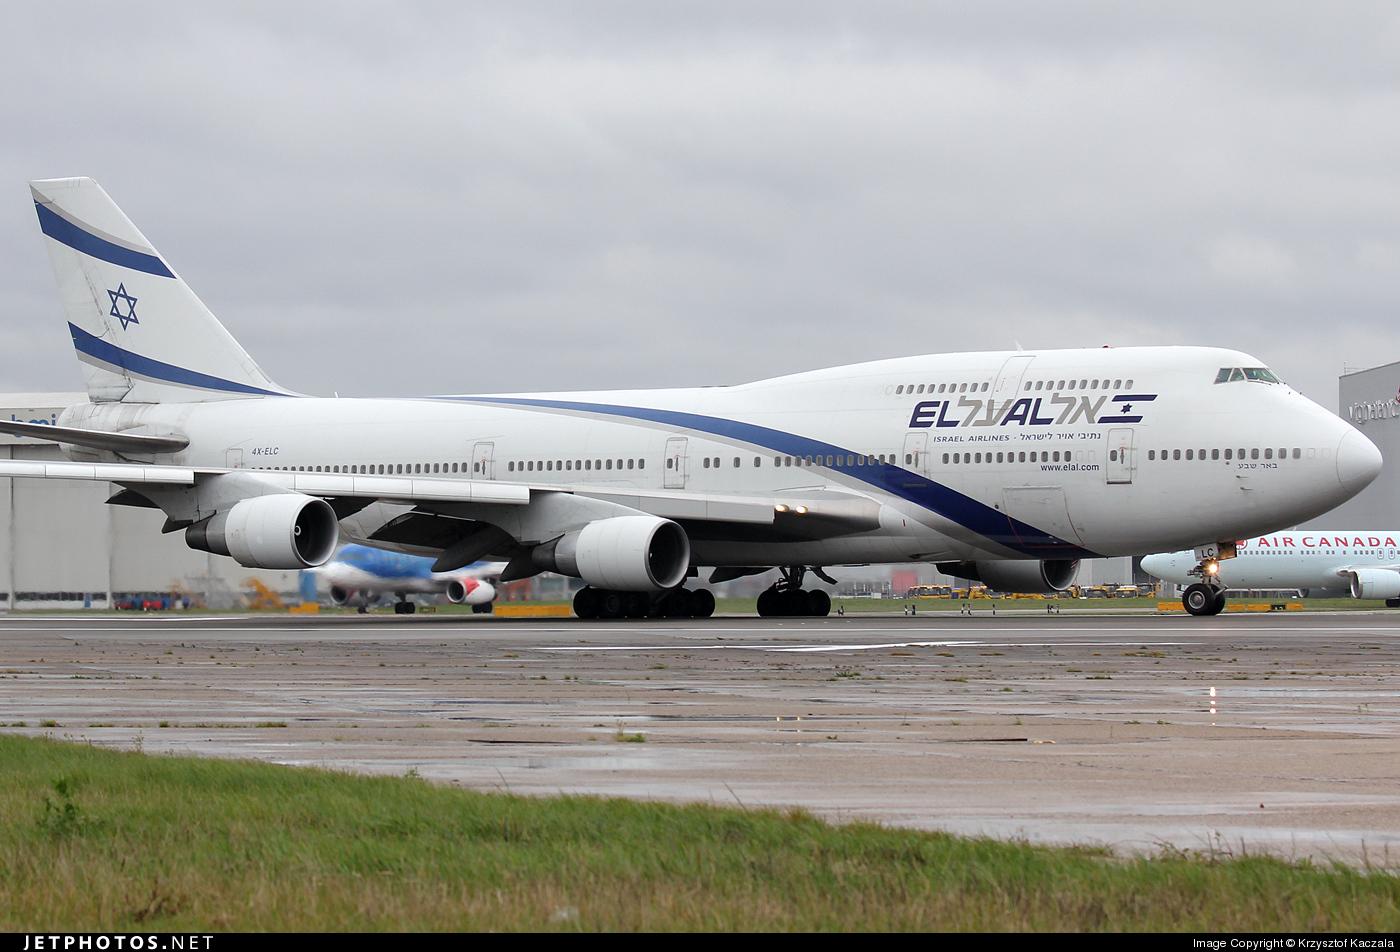 Photo of 4X-ELC Boeing 747-458 by Krzysztof Kaczala